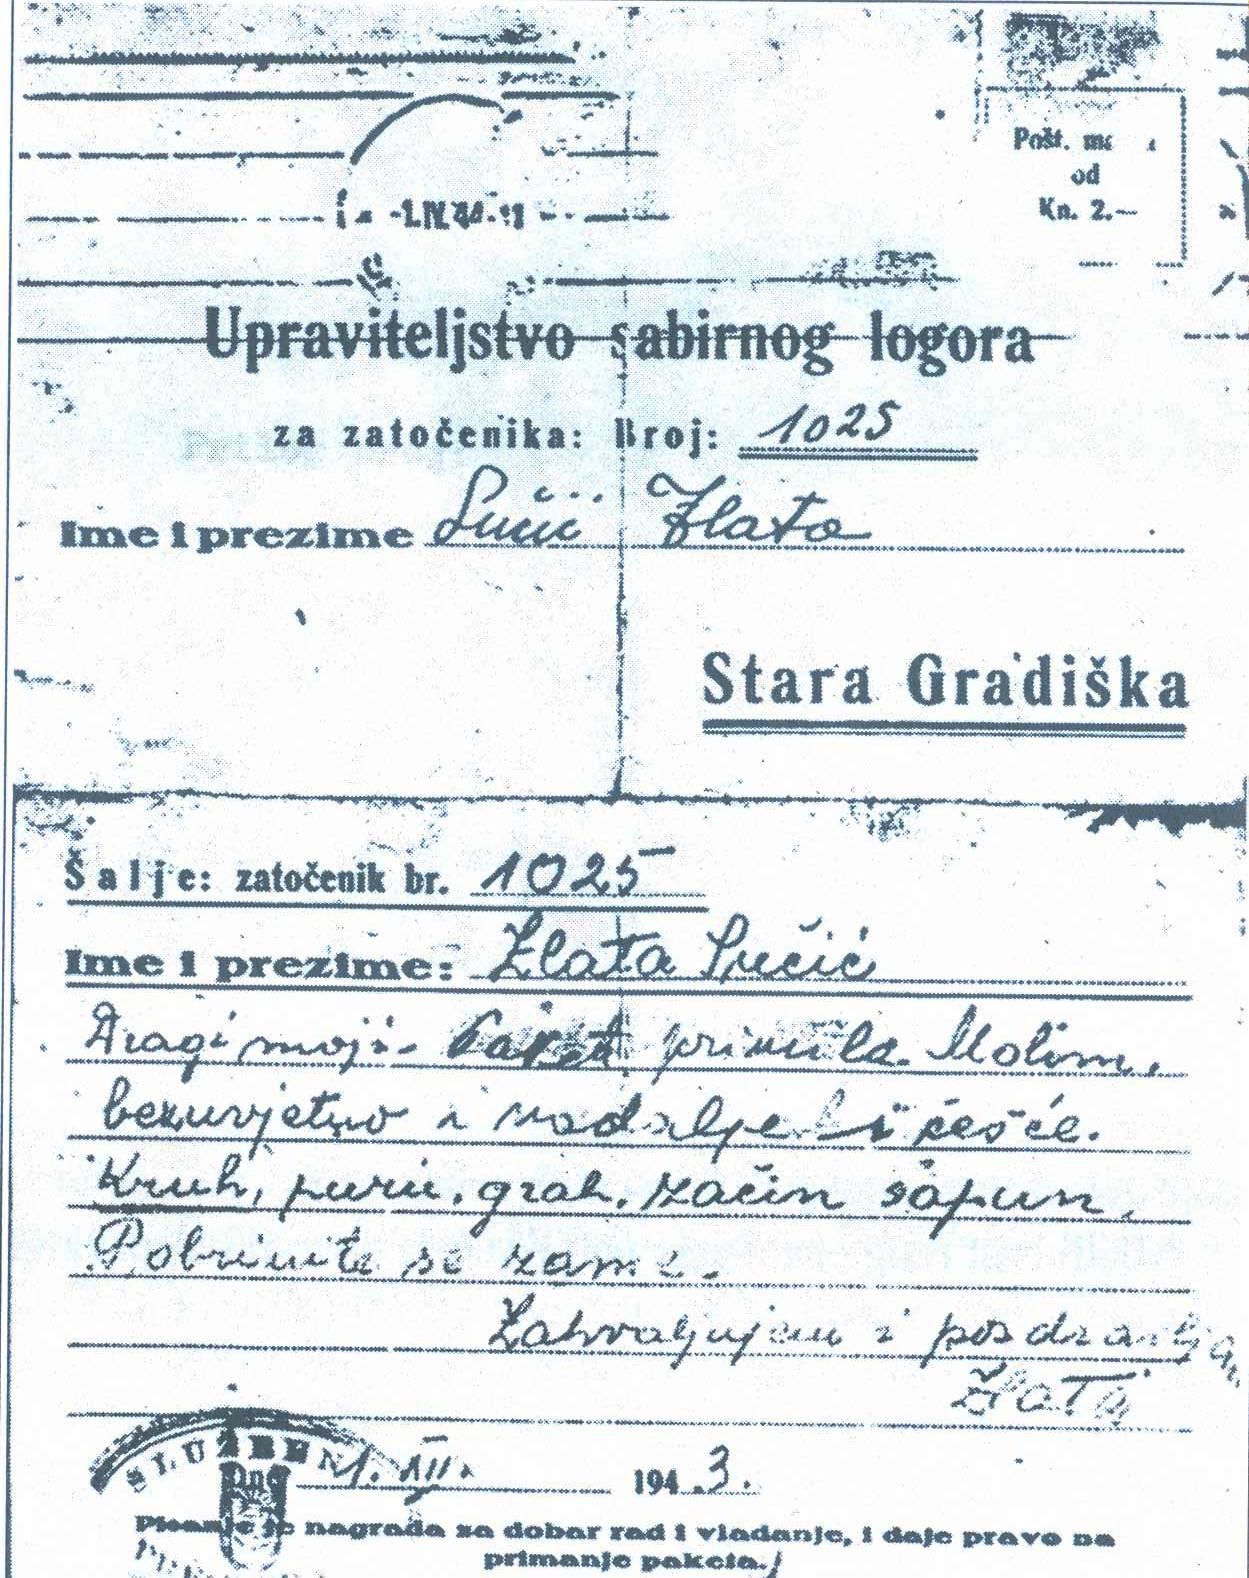 Faksimil jednog od sačuvanih pisama Zlate Sučić iz logora Jasenovac - upućeno 1. decembra 1943. godine